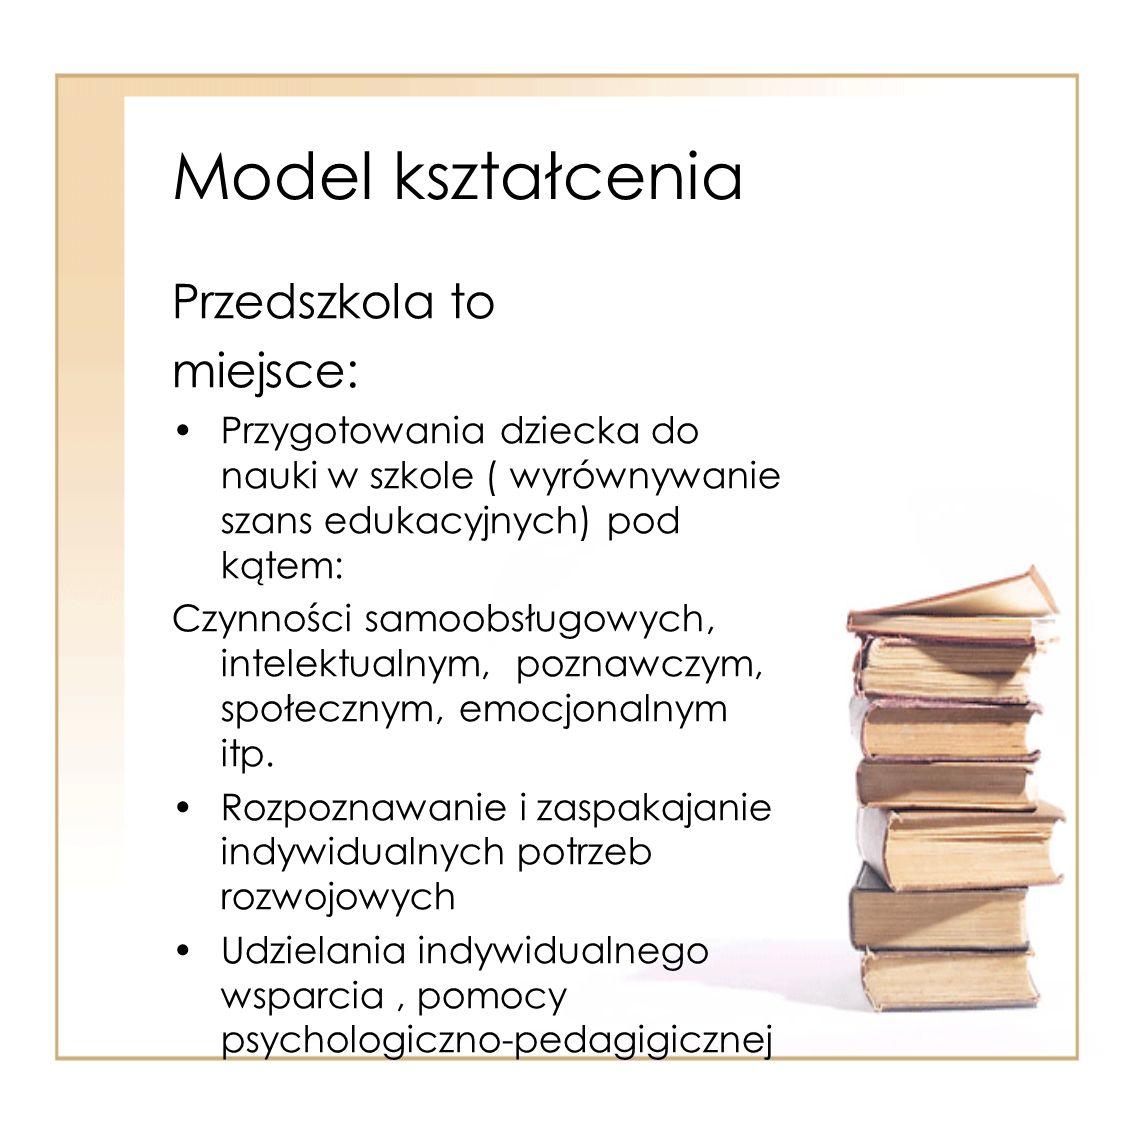 Model kształcenia Przedszkola to miejsce: Przygotowania dziecka do nauki w szkole ( wyrównywanie szans edukacyjnych) pod kątem: Czynności samoobsługow